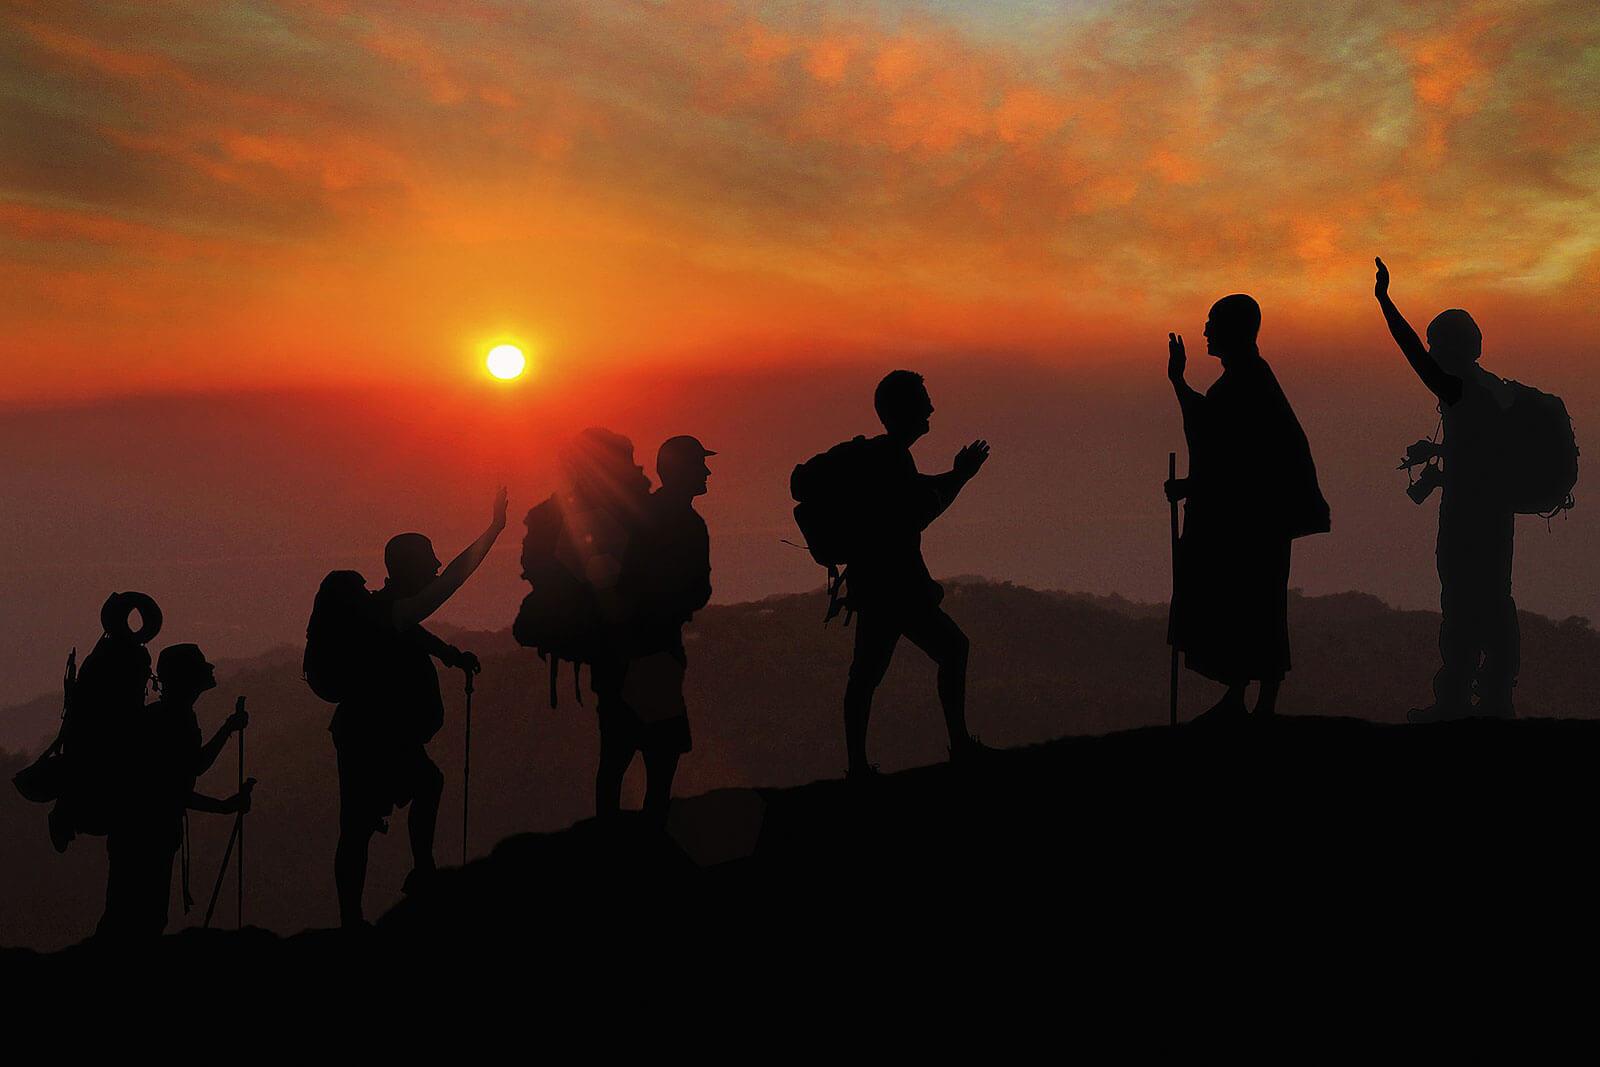 Montanhistas, no topo de uma montanha, em contraluz com o pôr-do-sol.